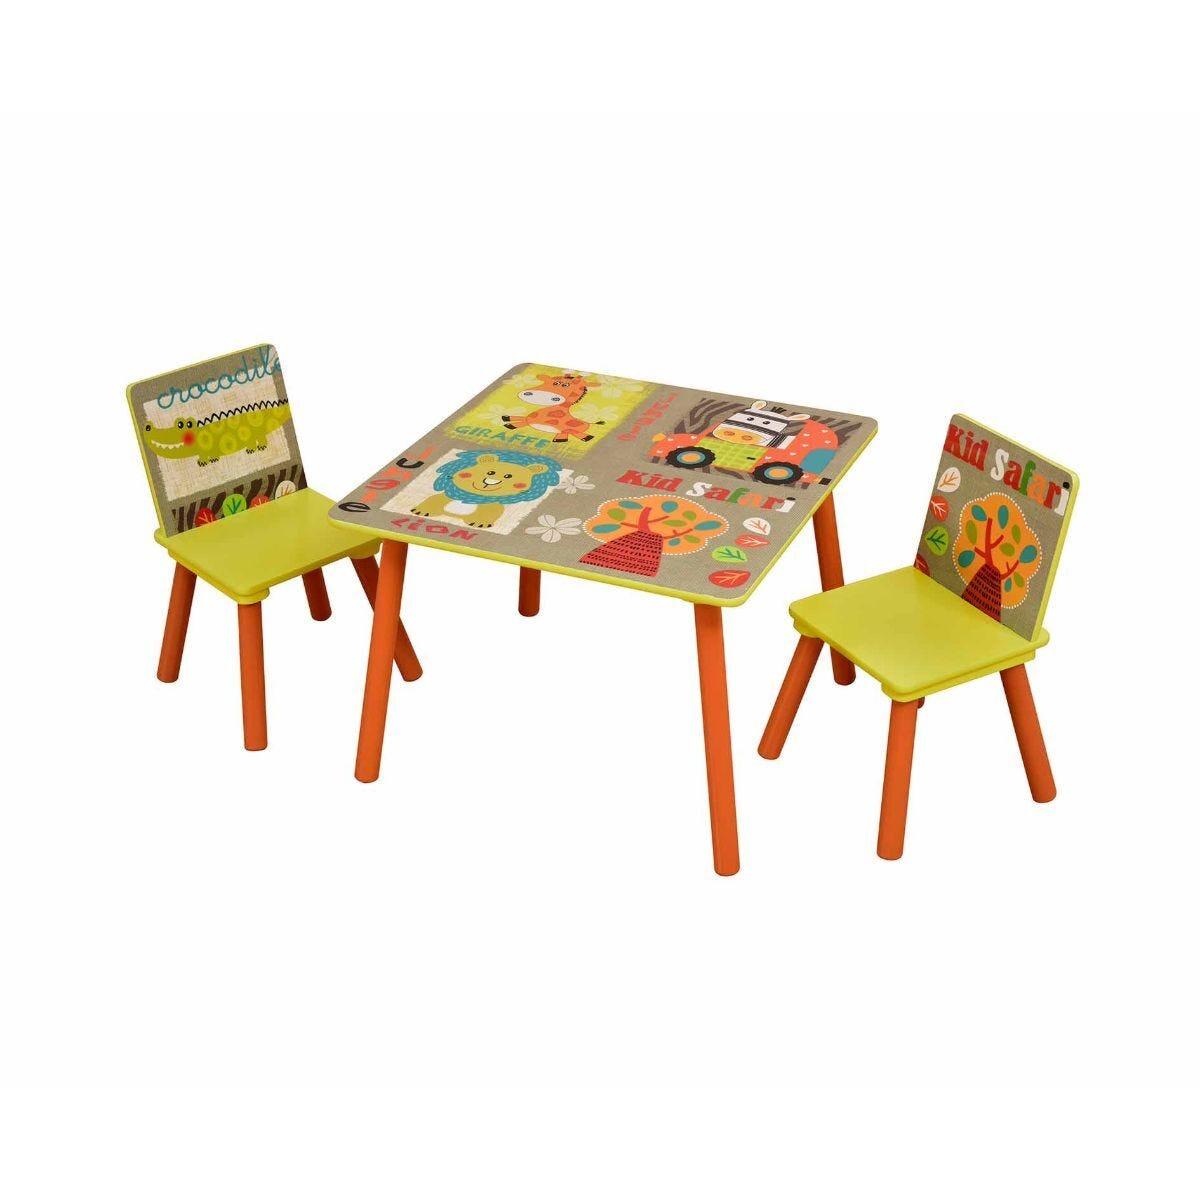 Liberty House Toys Table and 2 Chair Set Safari